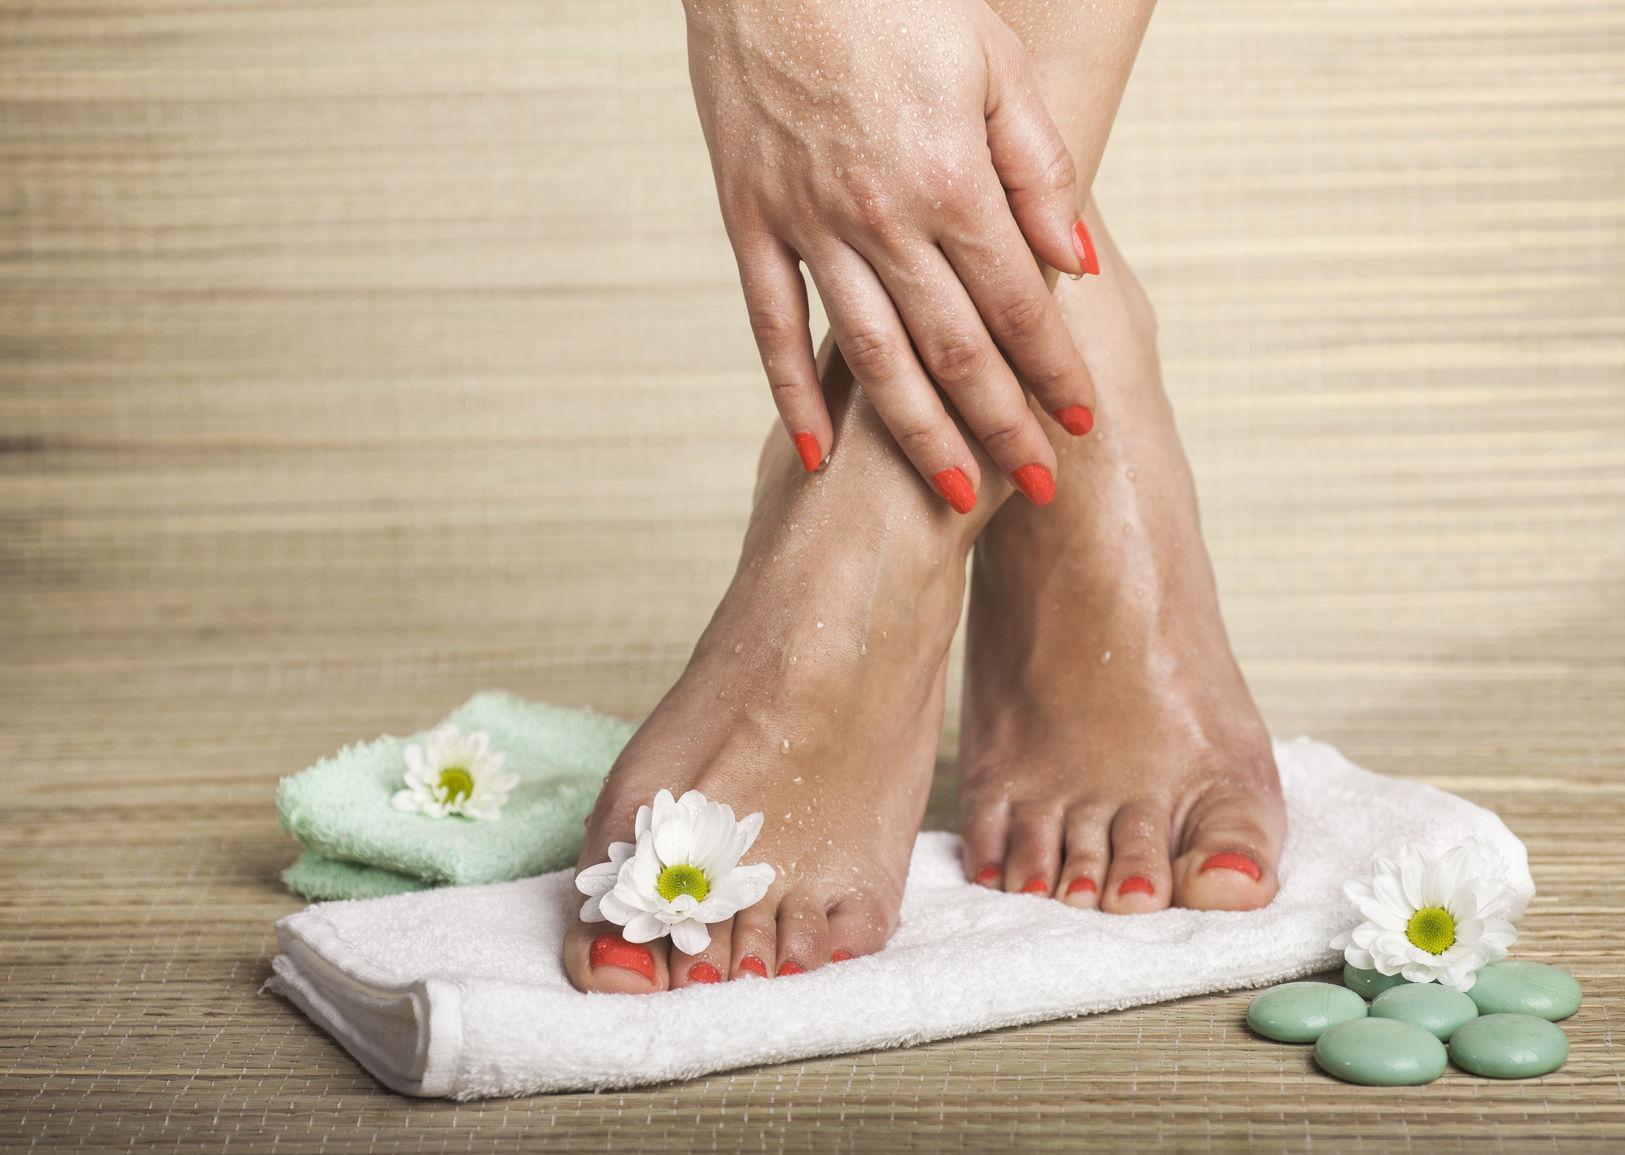 preparate pentru artrita degetelor de la picioare acid acetilic pentru durerile articulare